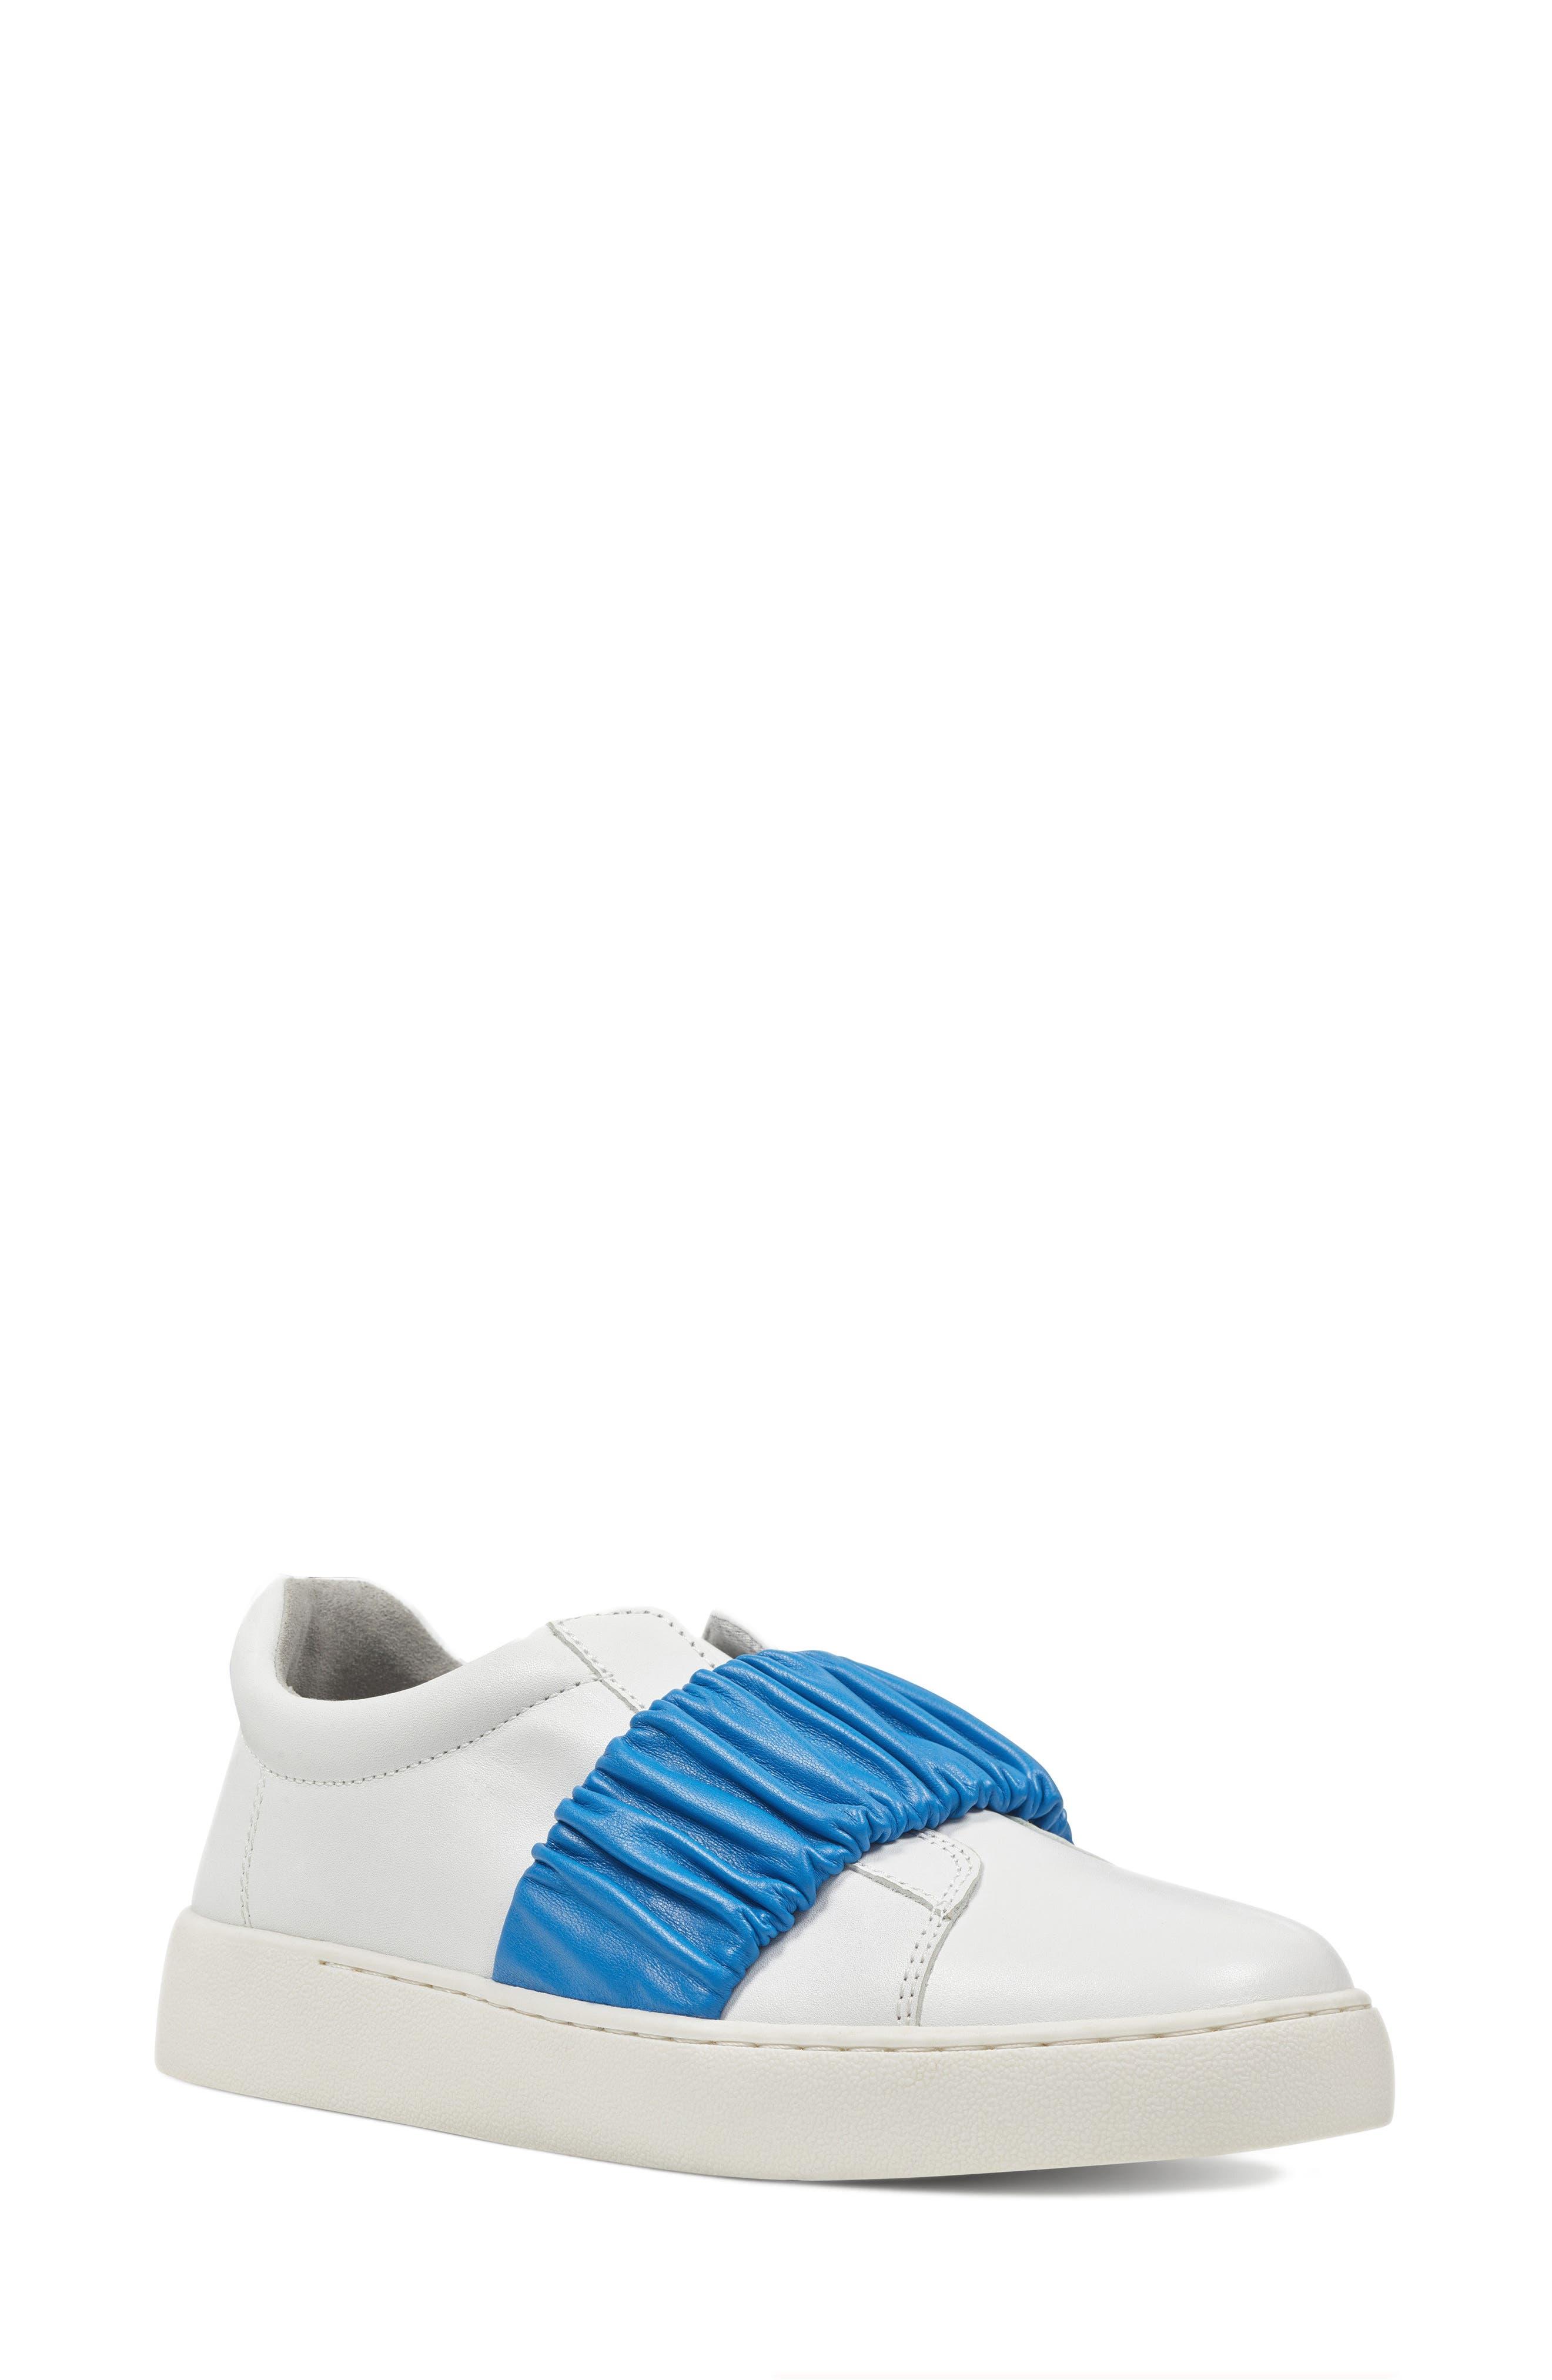 Pindiviah Slip-On Sneaker,                         Main,                         color, 100